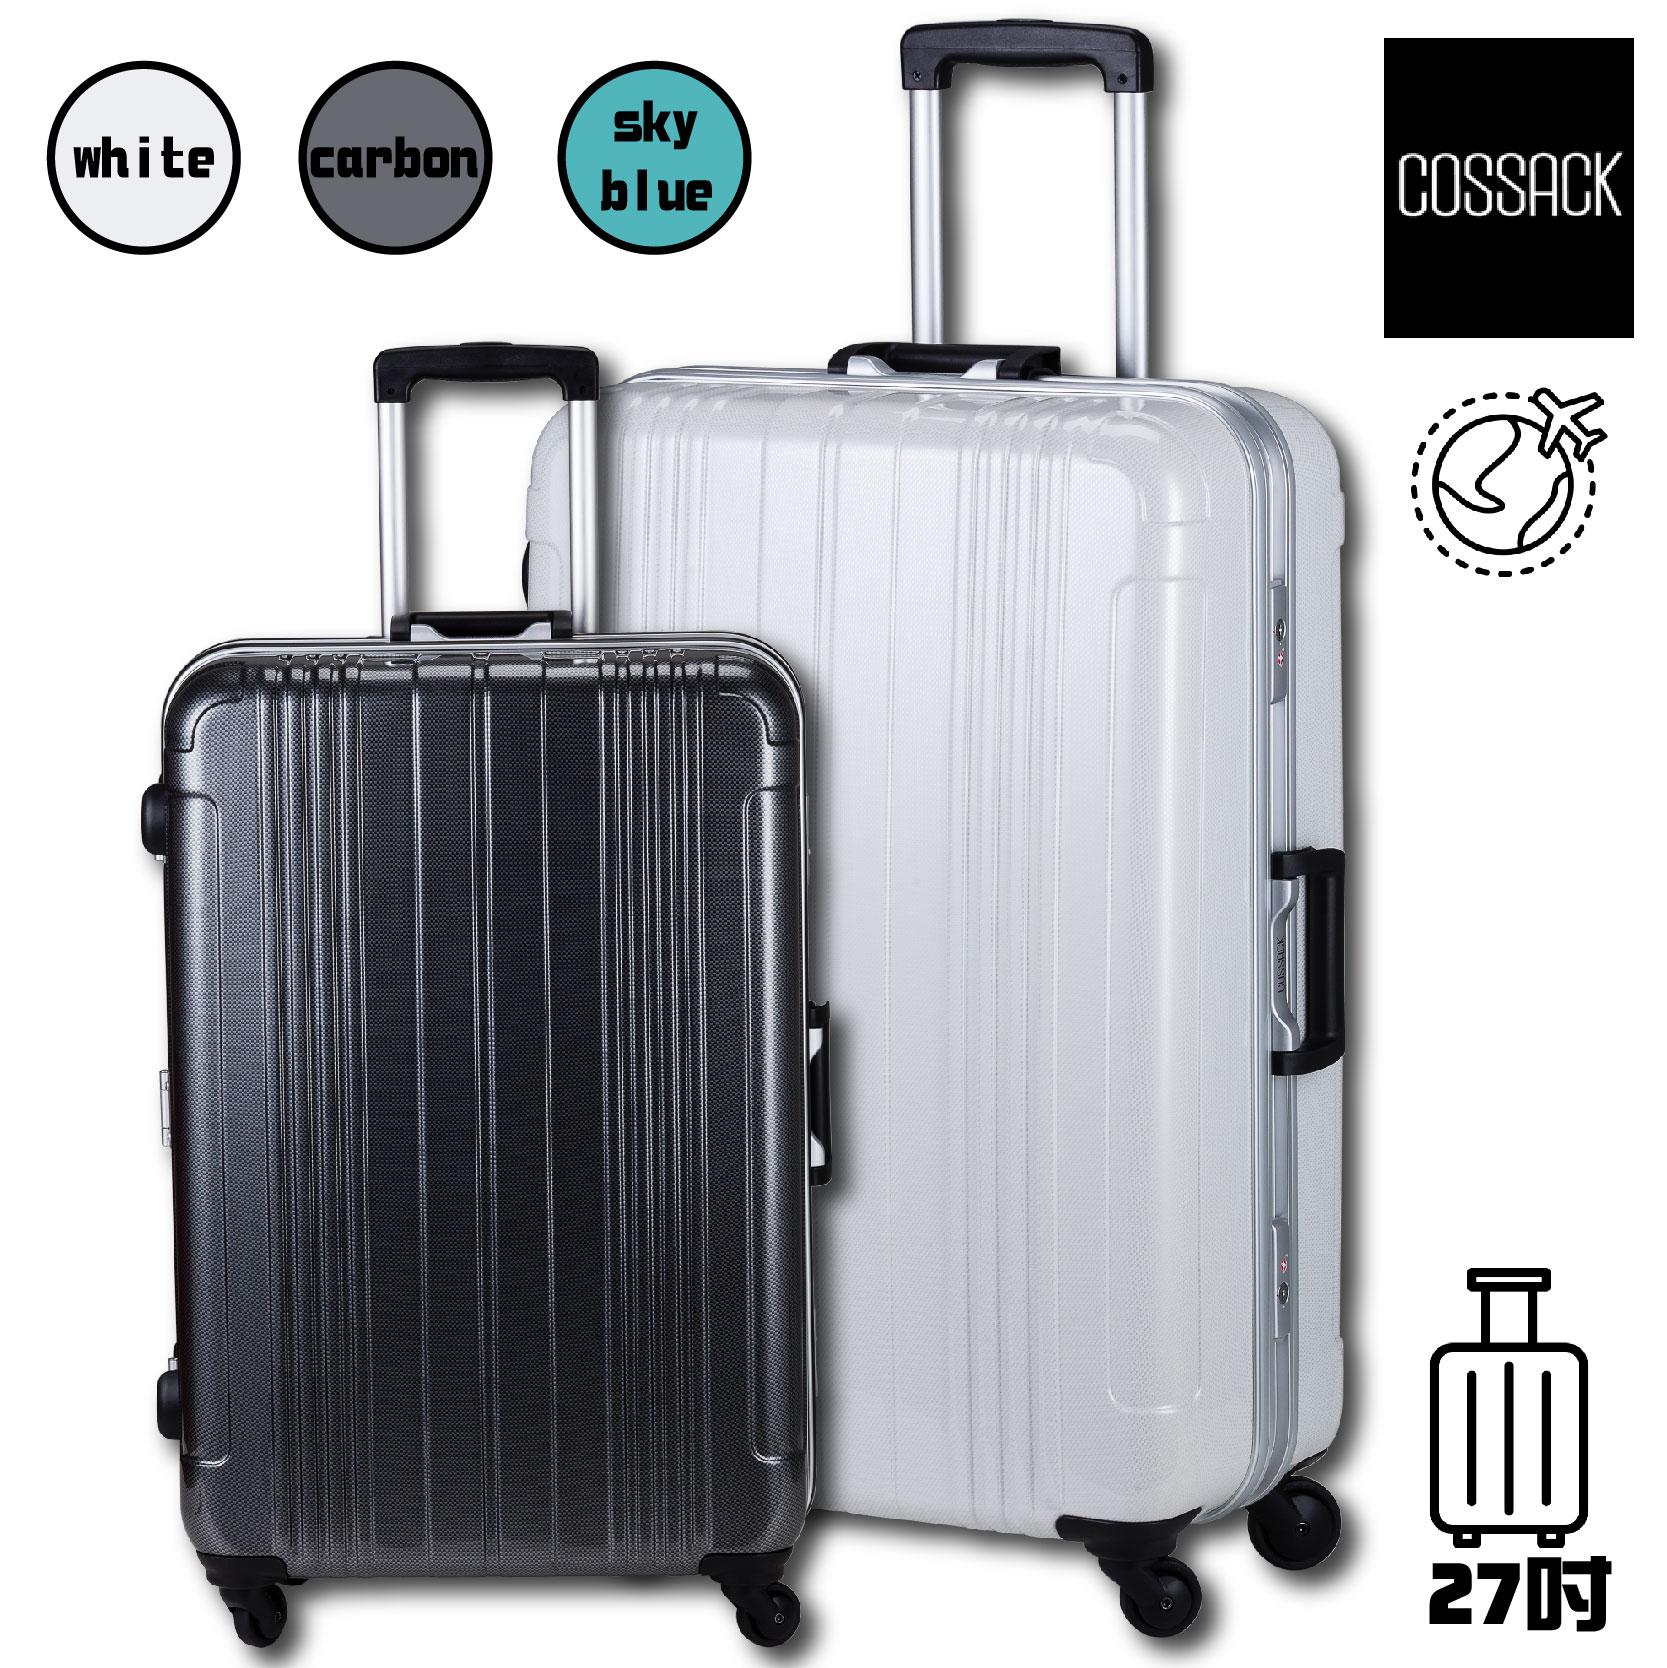 下定決心!出國吧! 實質系列 27吋 PC鋁框行李箱 出國 旅遊 硬殼行李箱 托運箱 CS11-2016027